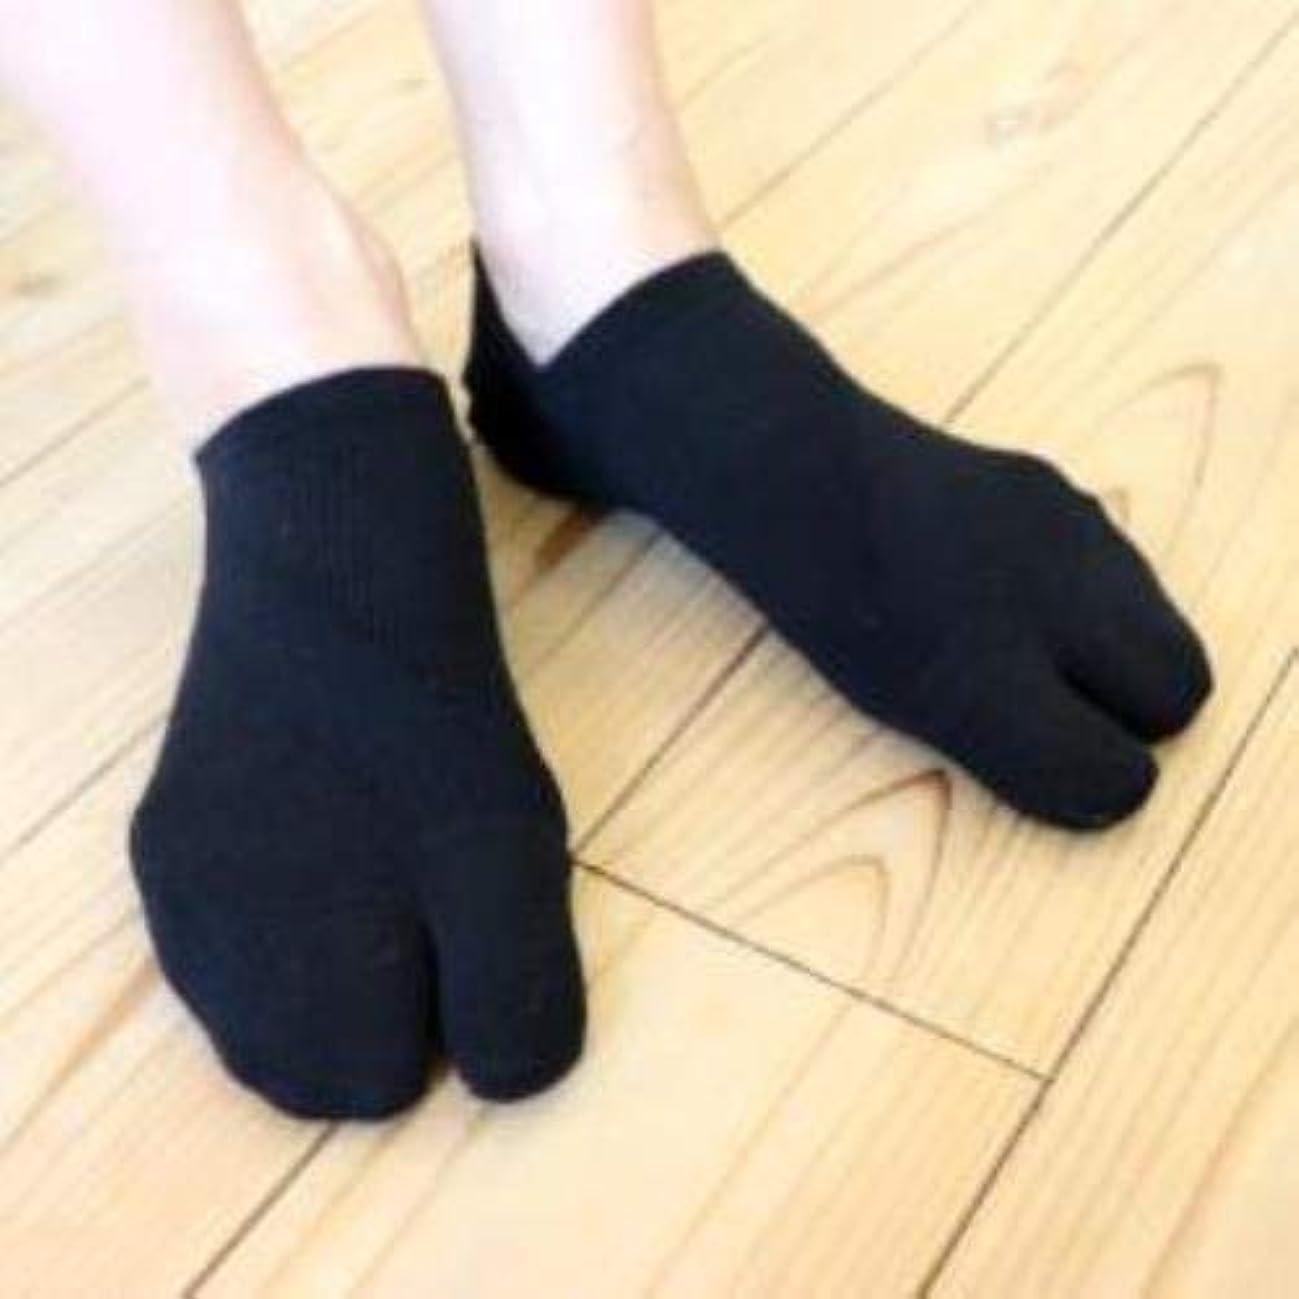 起点大砲浴室さとう式 フレクサーソックス スニーカータイプ 黒 (L) 足袋型